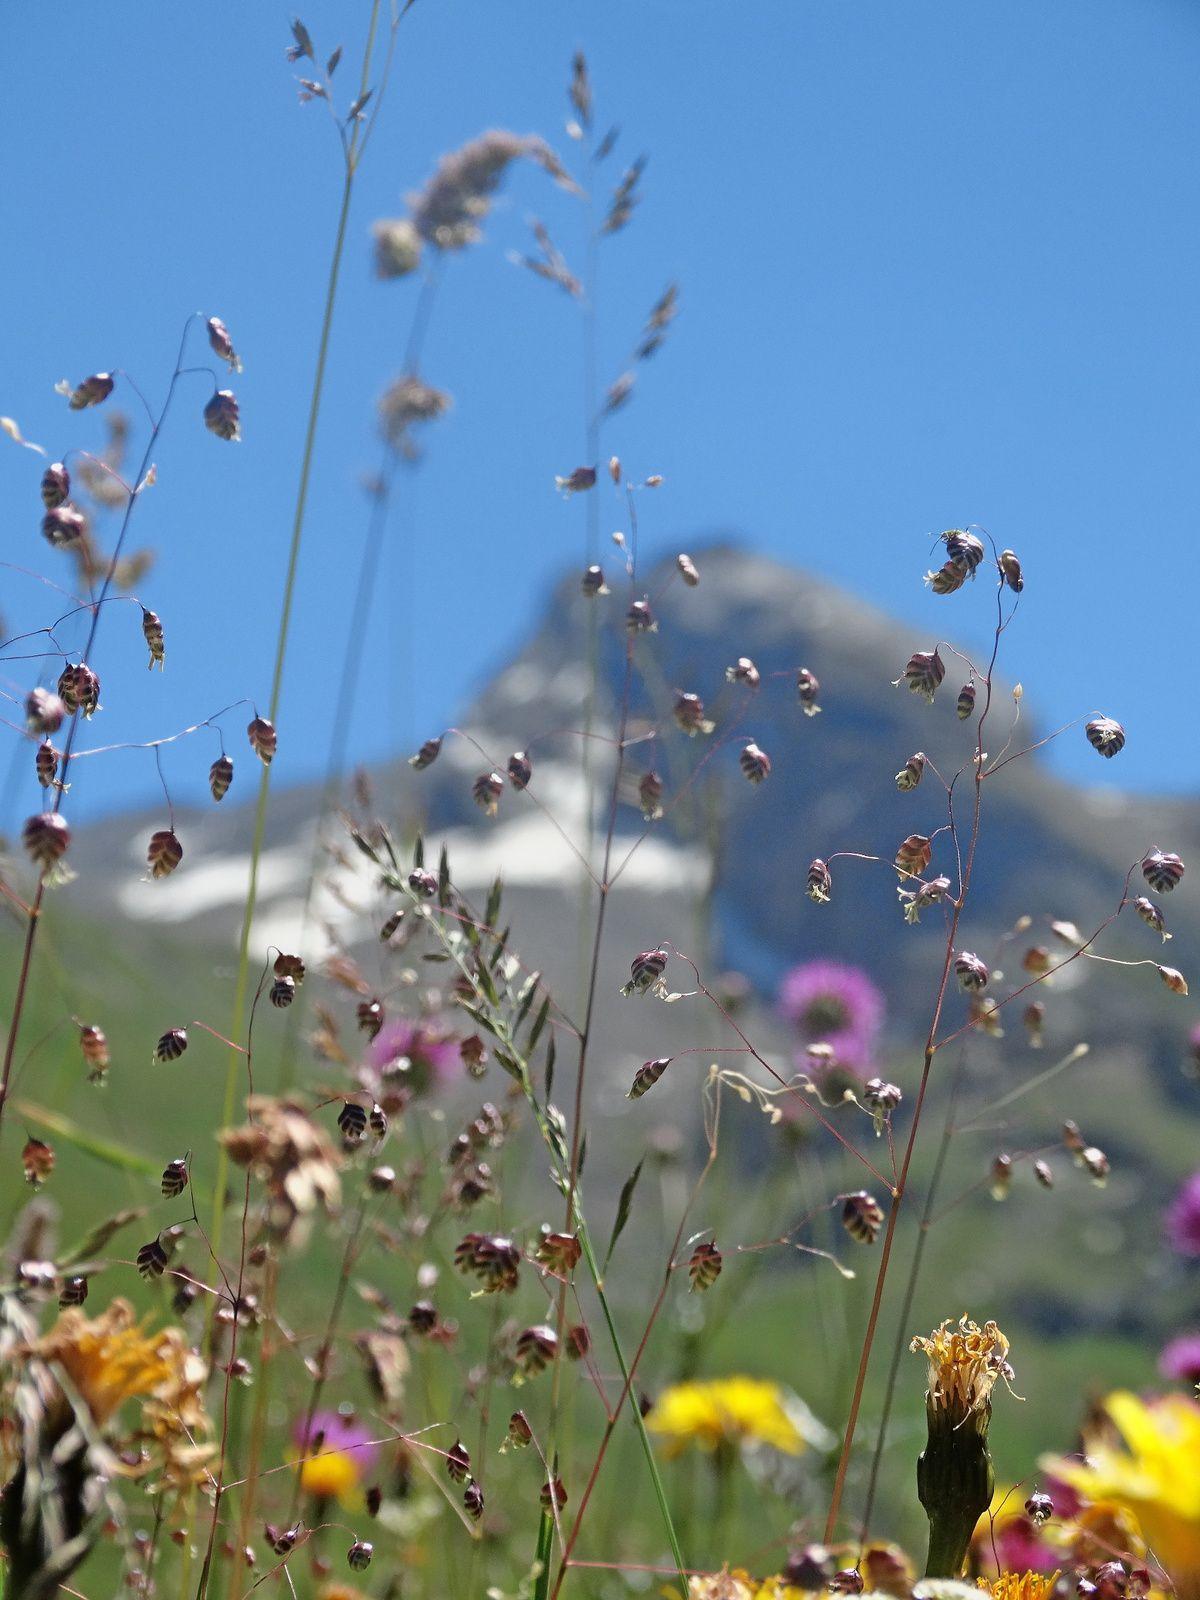 Un nouveau séjour dans les Alpes (suite 2)